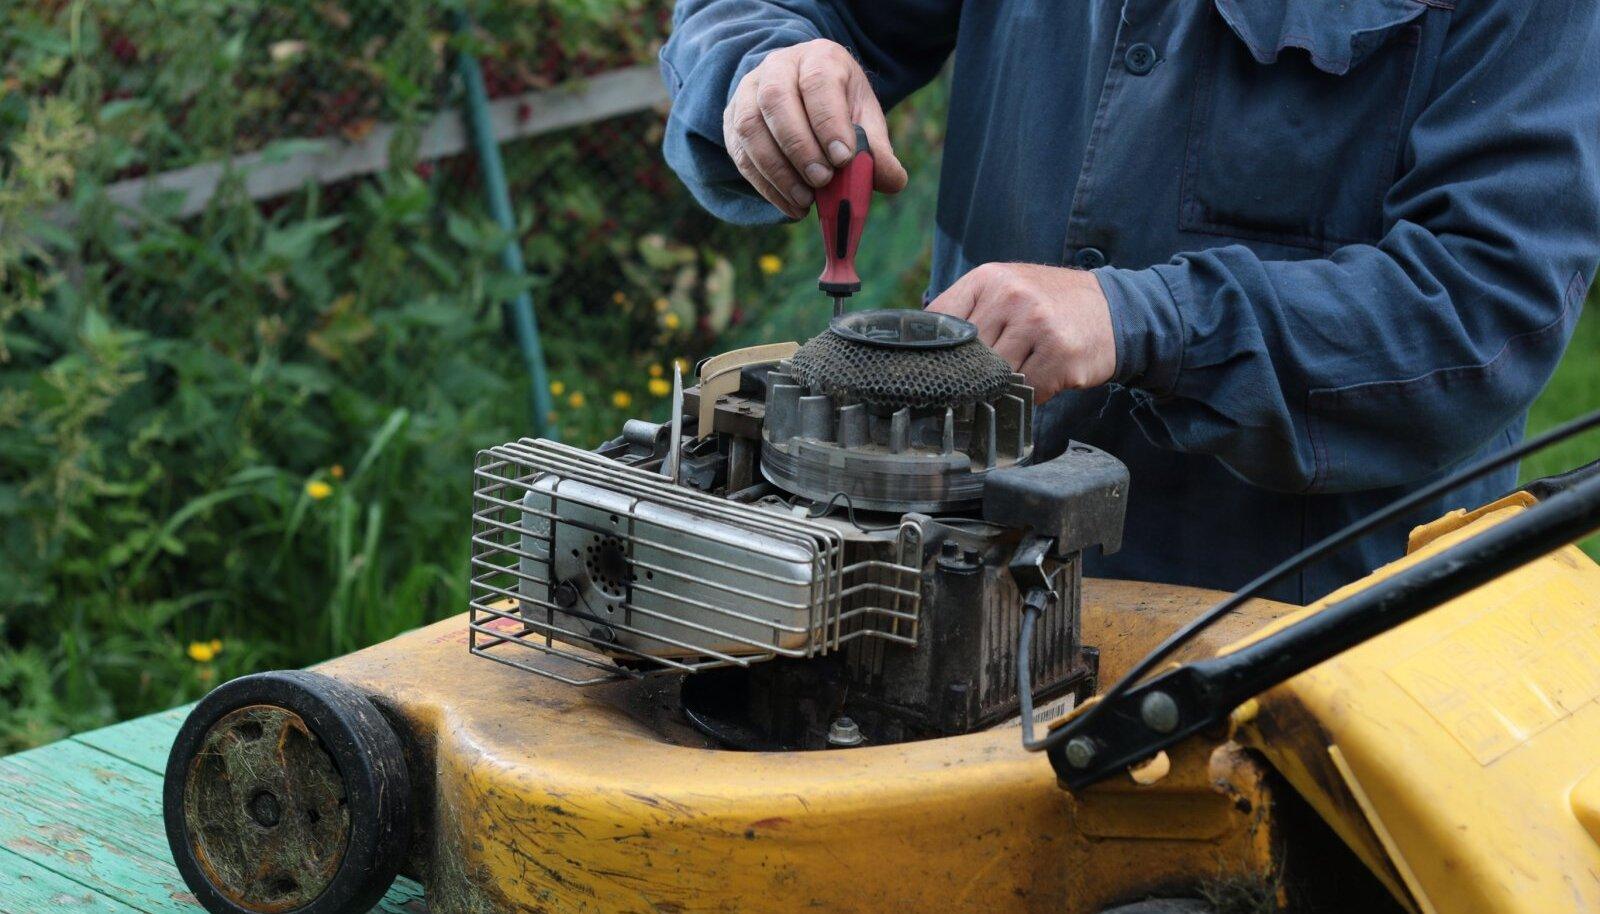 Enne talvekorterisse panekut tasub muruniiduk puhastada, kütusest tühjendada, õli vahetada ja küünlad kontrollida.